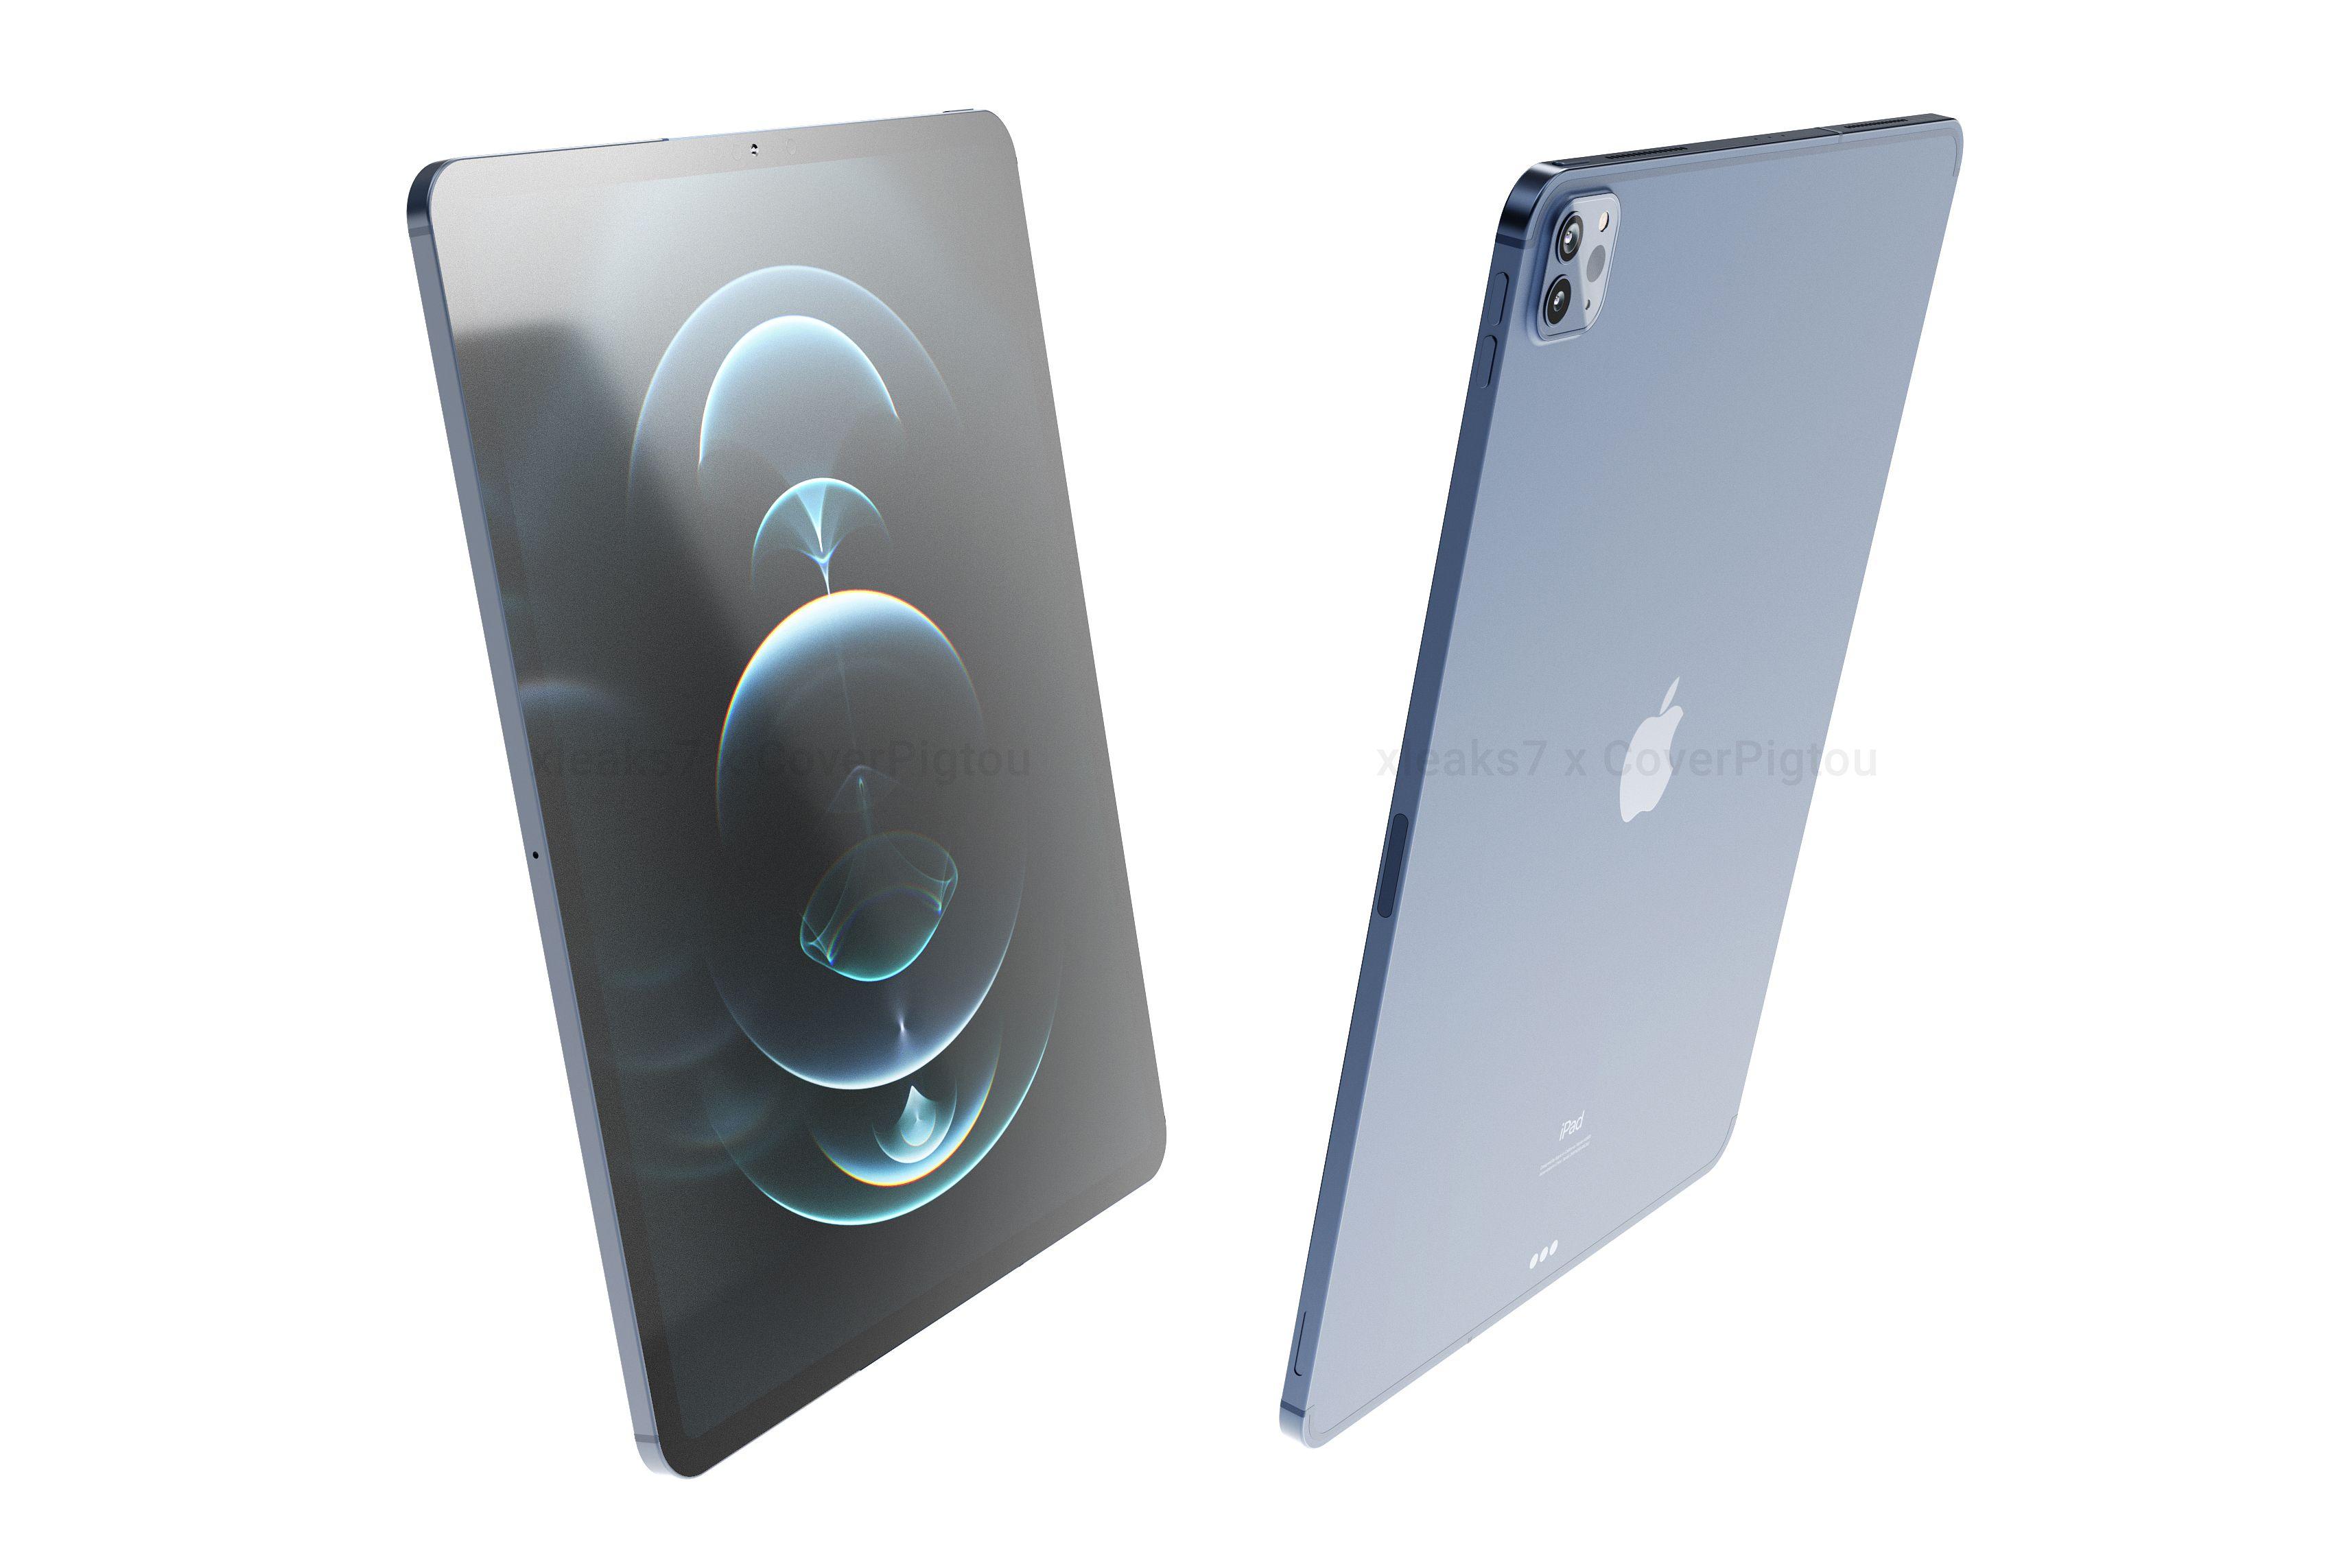 2021 iPad Pro: News, Price, Release Date, Specs & Rumors